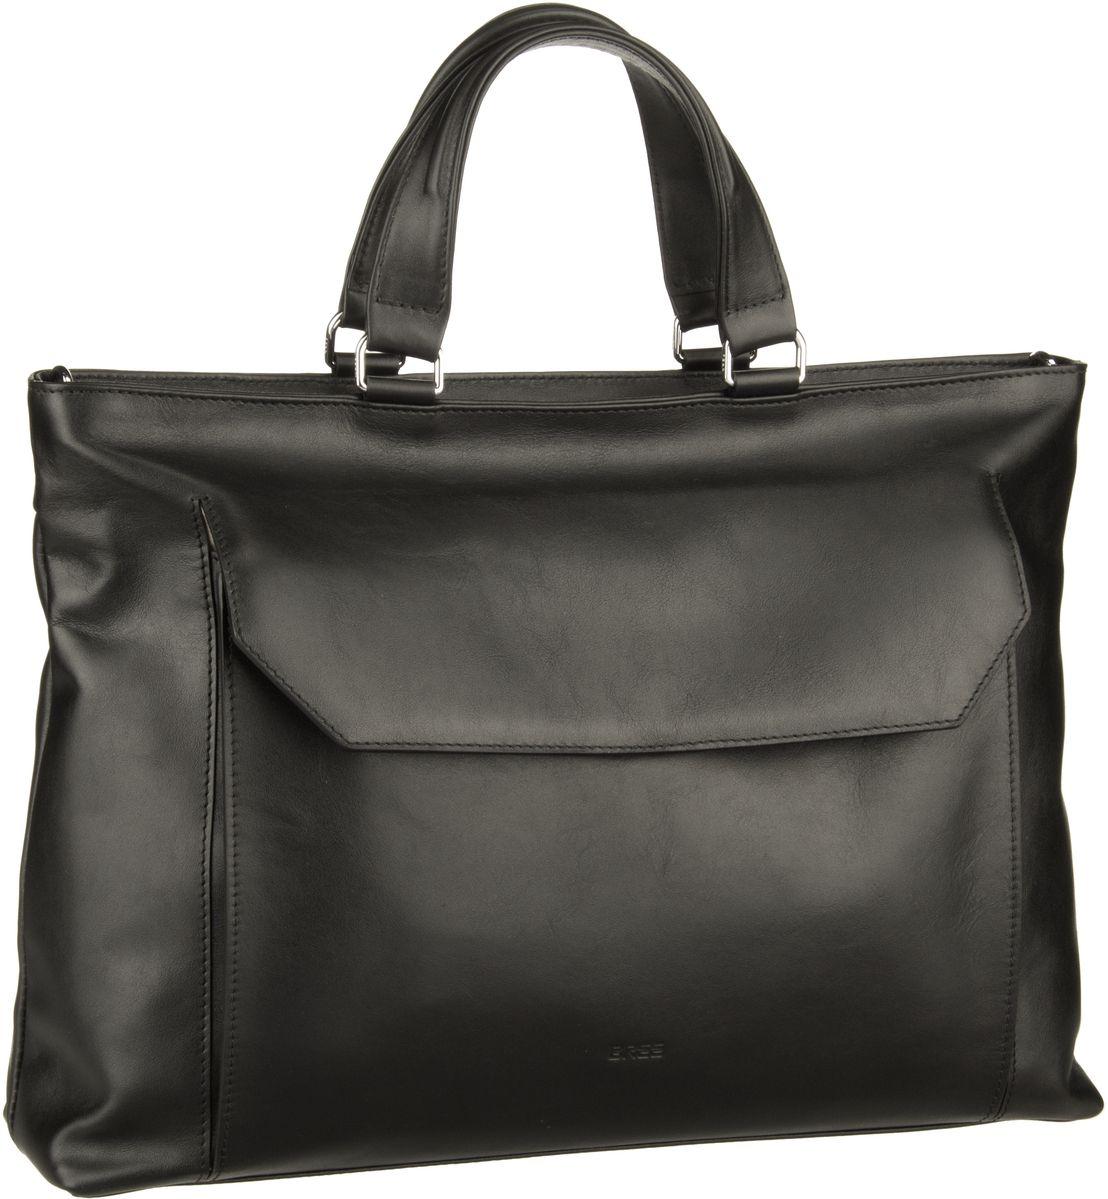 Businesstaschen für Frauen - Bree Aktentasche DIE ZEIT 16 Black  - Onlineshop Taschenkaufhaus